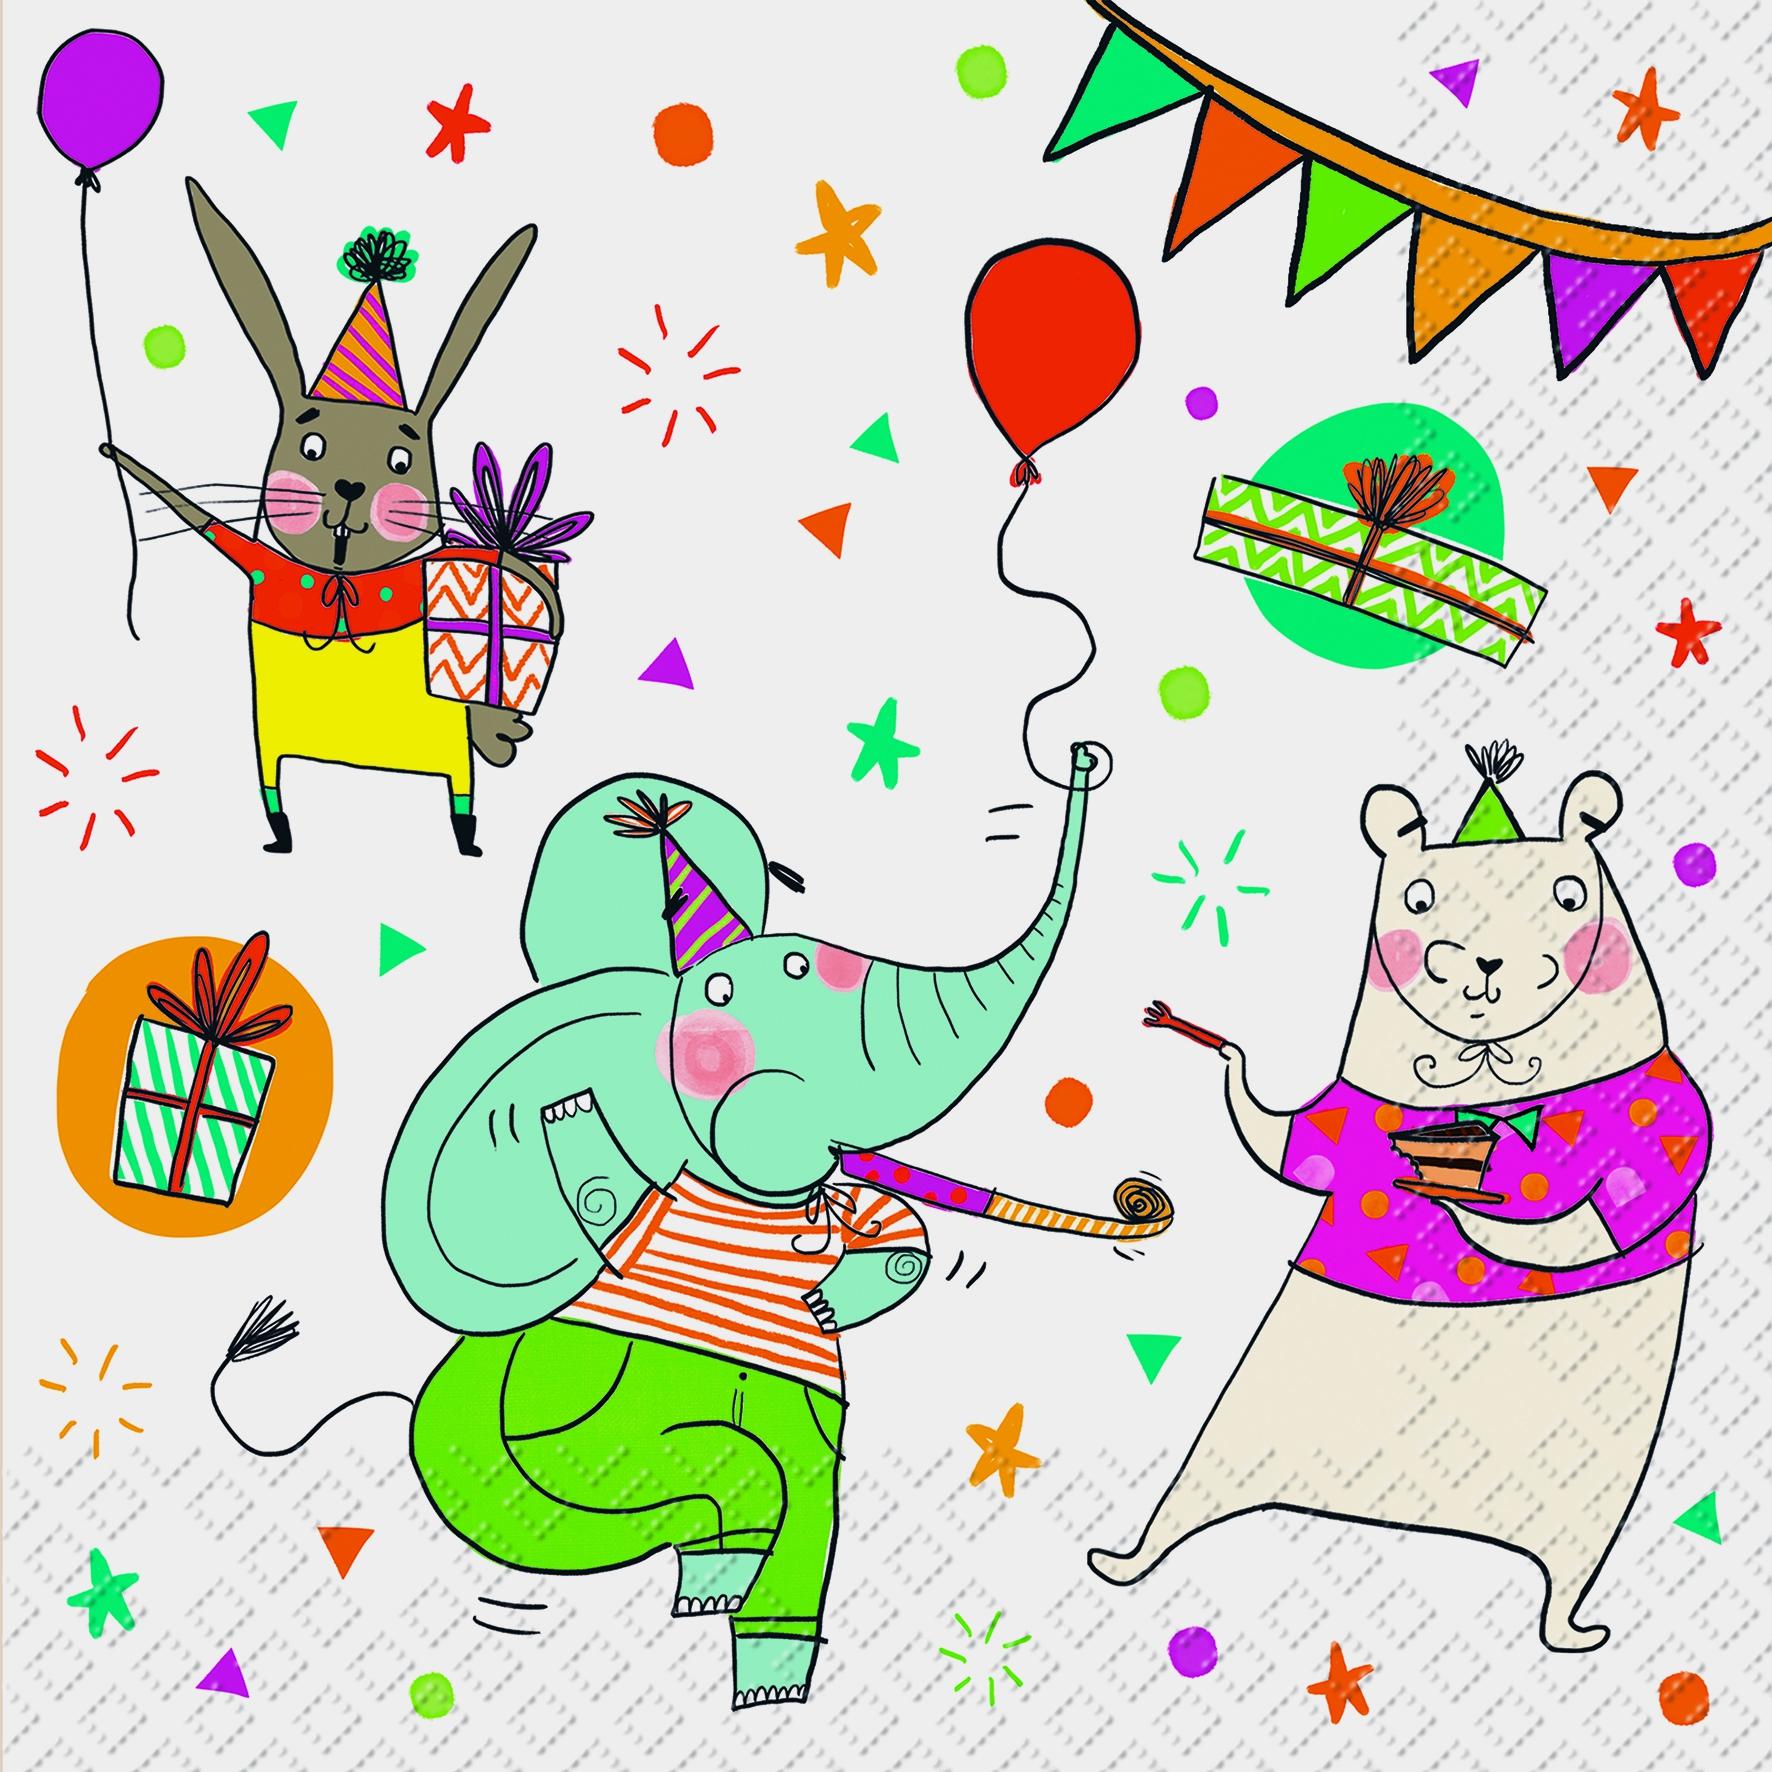 Lunch Servietten Fiesta,  Ereignisse - Feier,  Ereignisse - Geburtstag,  Everyday,  lunchservietten,  Geburtstag,  Kinder